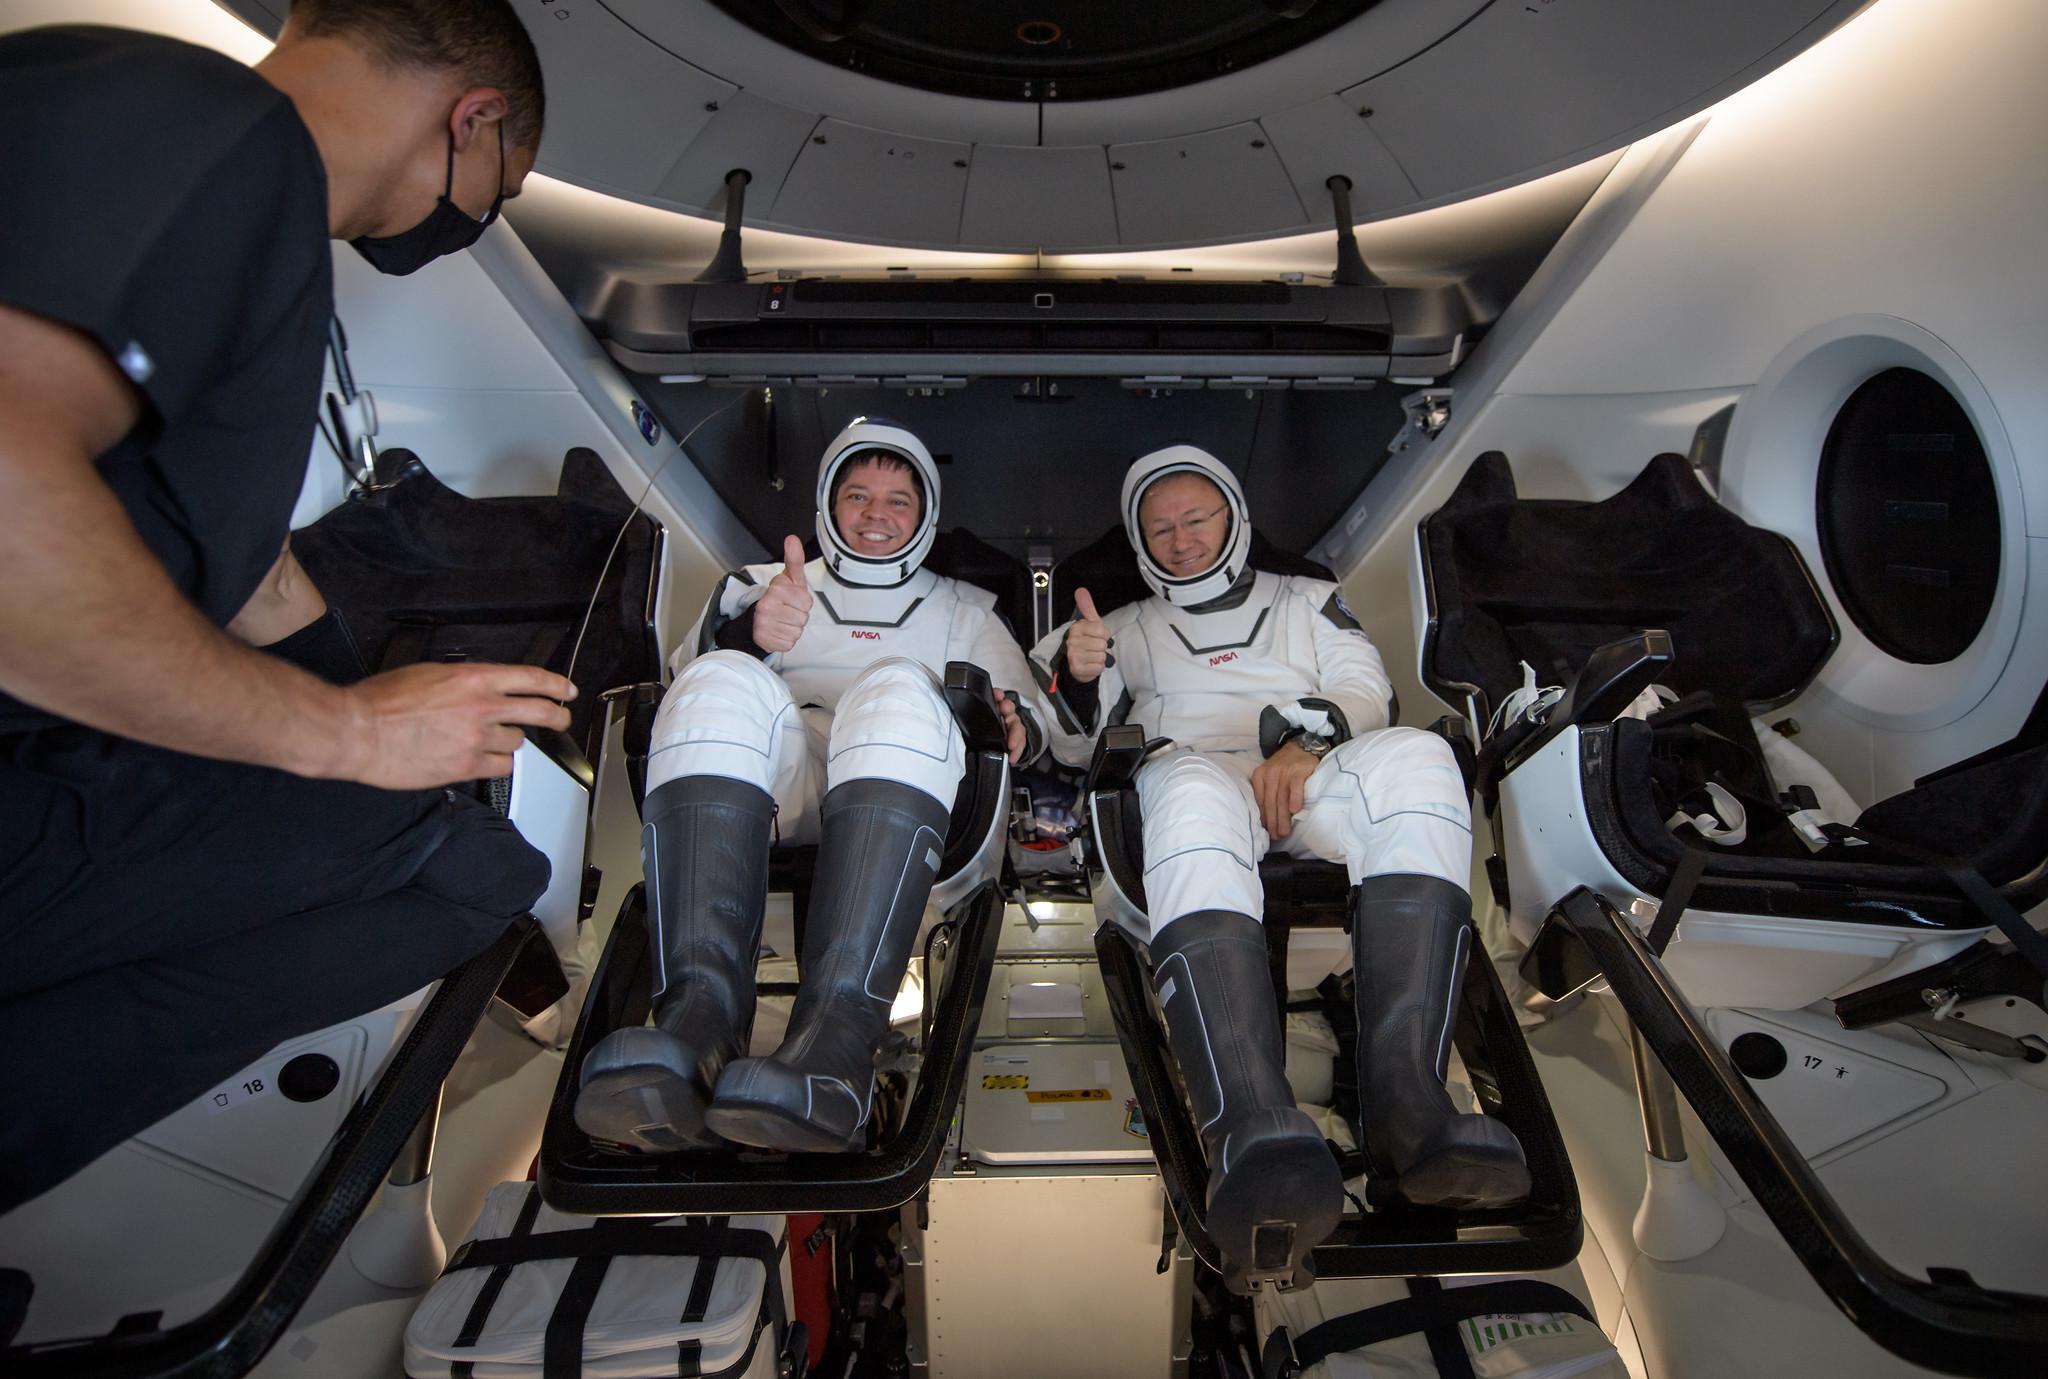 «Це схоже на тварину». Астронавт NASA поділився враженнями про політ на Crew Dragon